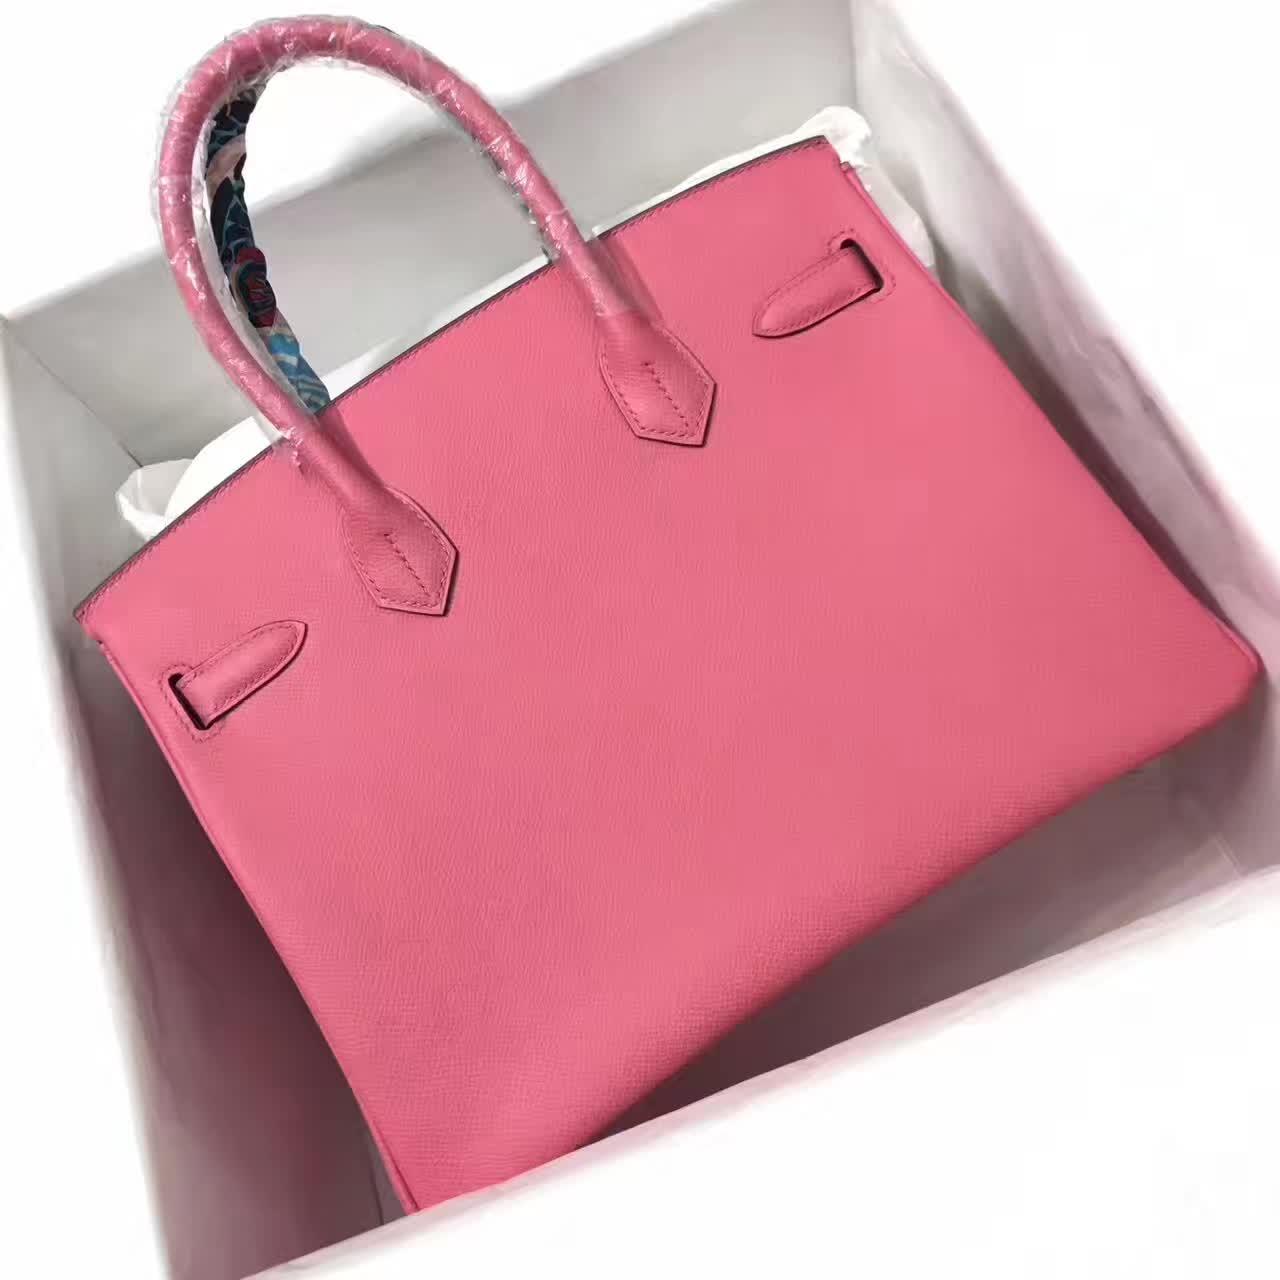 爱马仕全球放货 铂金包 Birkin 30cm 法国原产epsom皮 蜡线全手缝